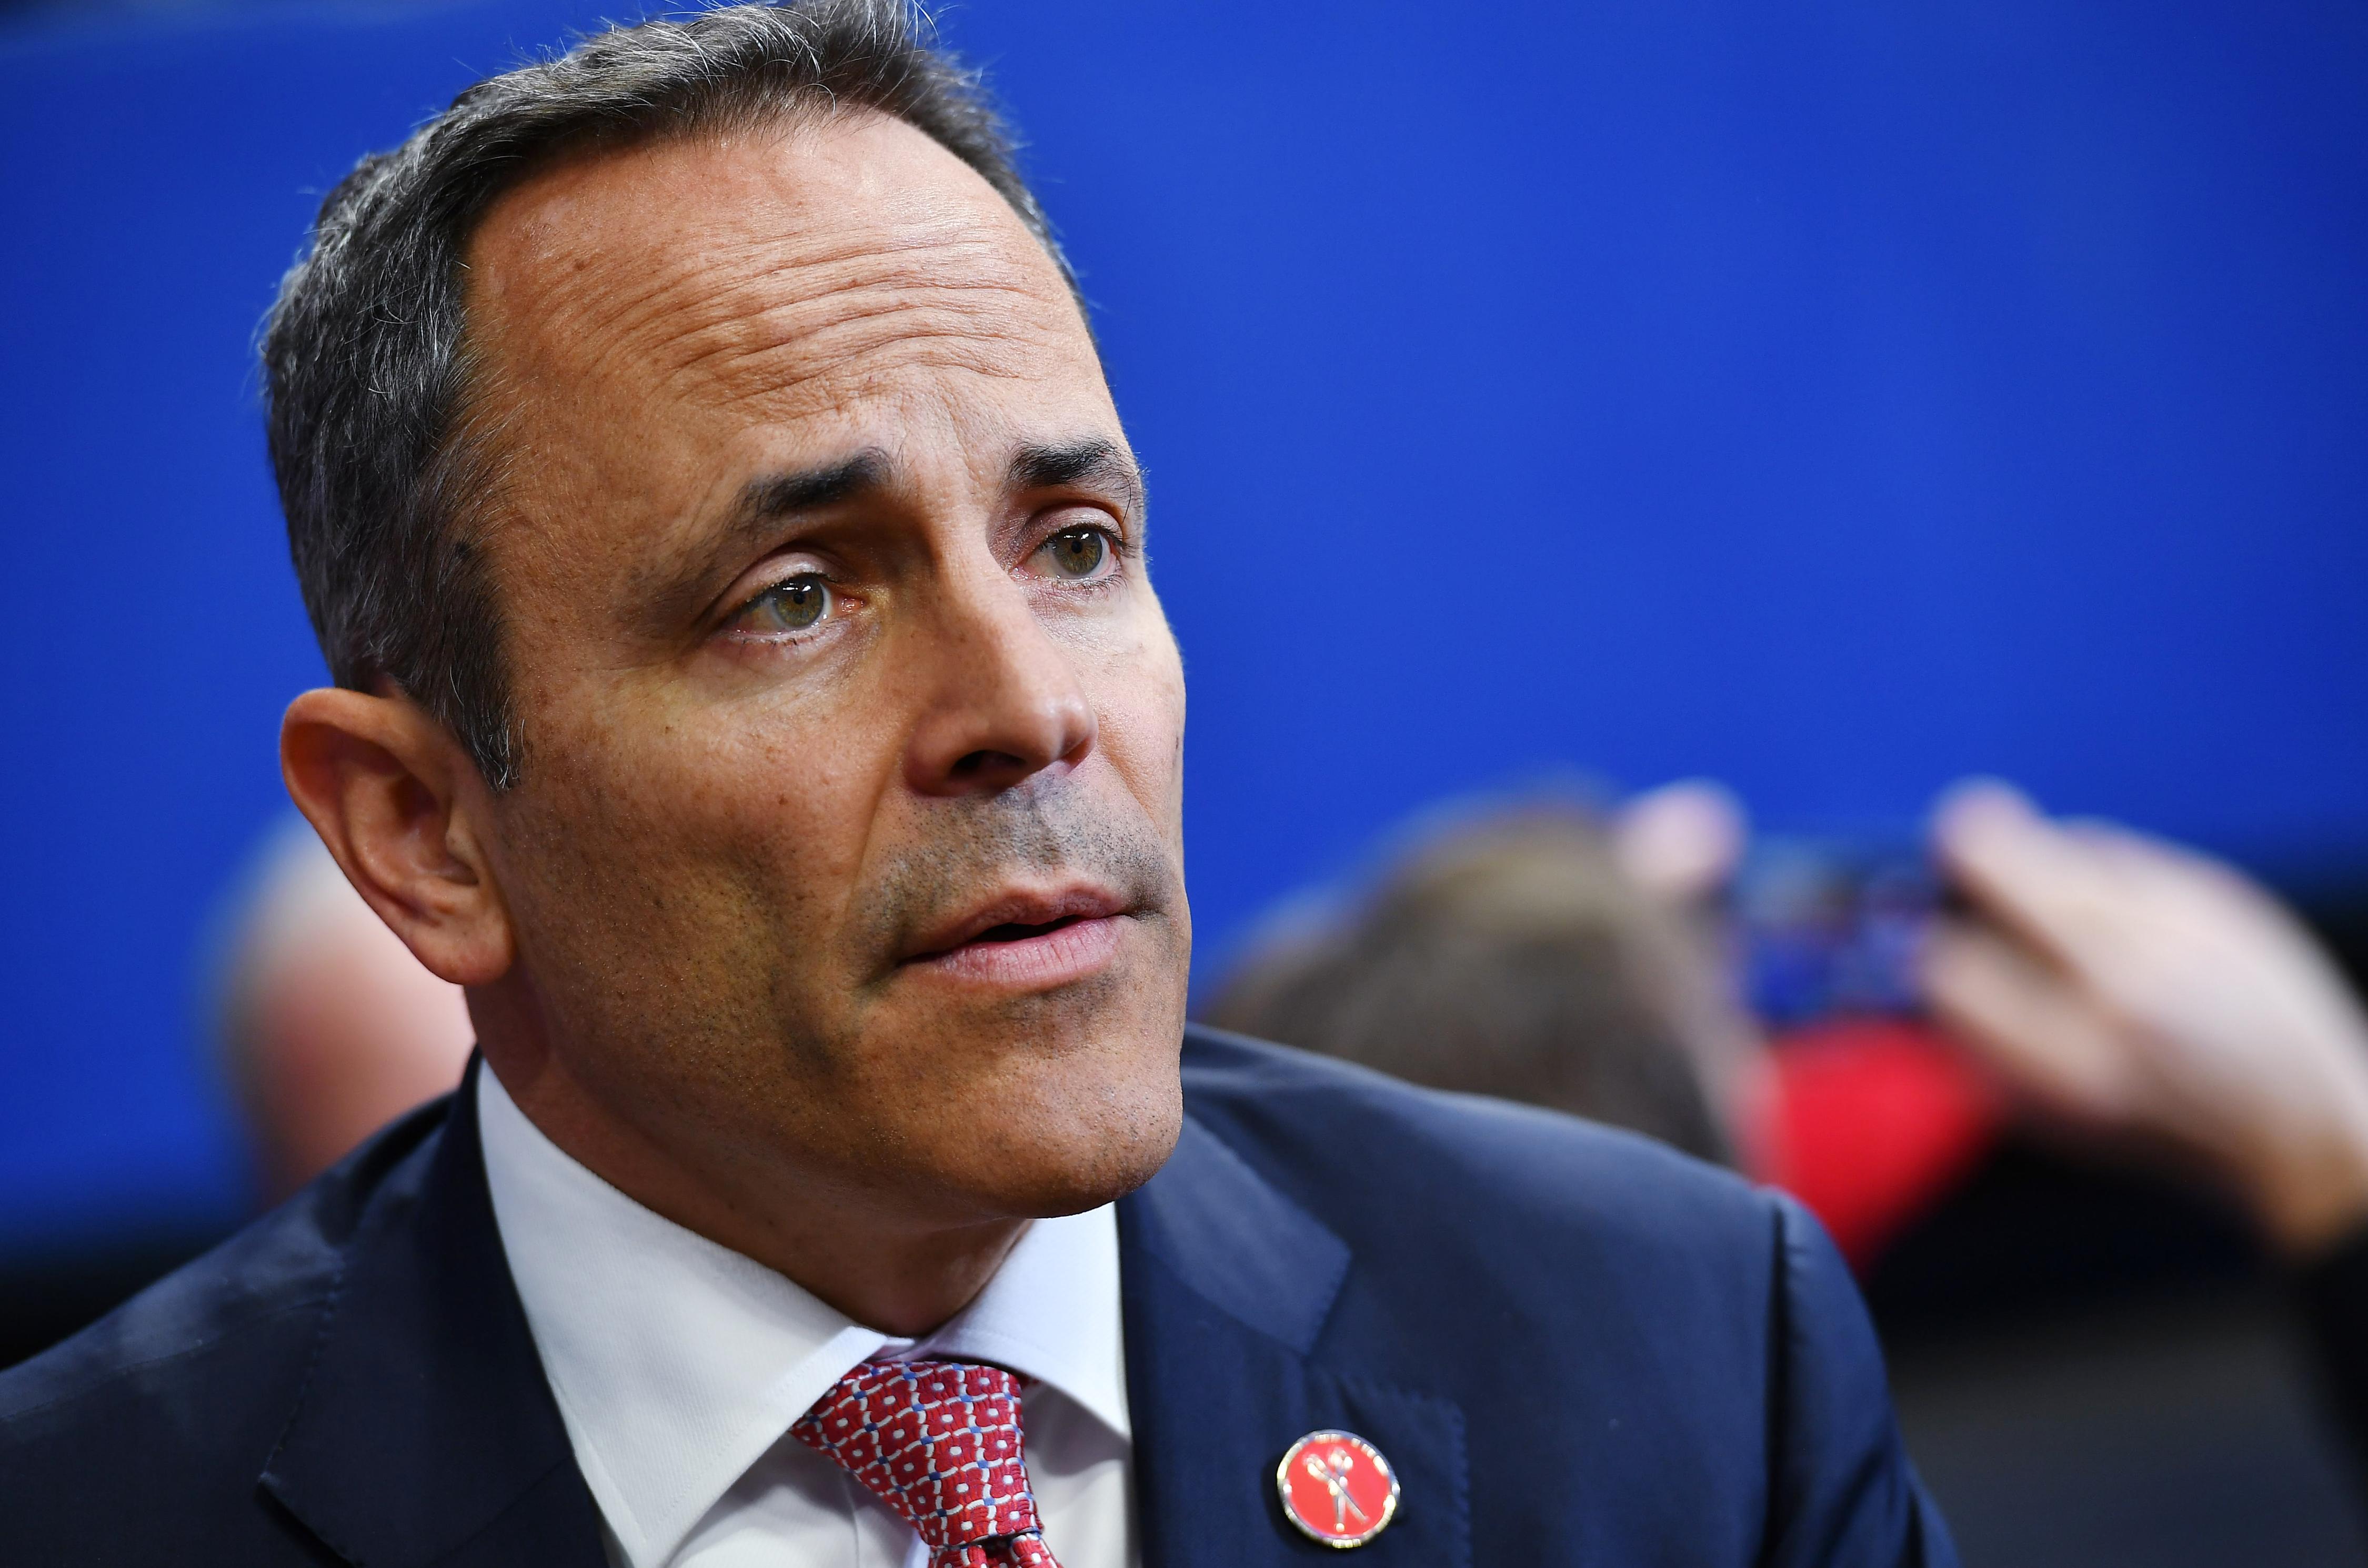 Kentucky volt kormányzója kegyelmet adott egy 9 éves gyerek megerőszakolójának